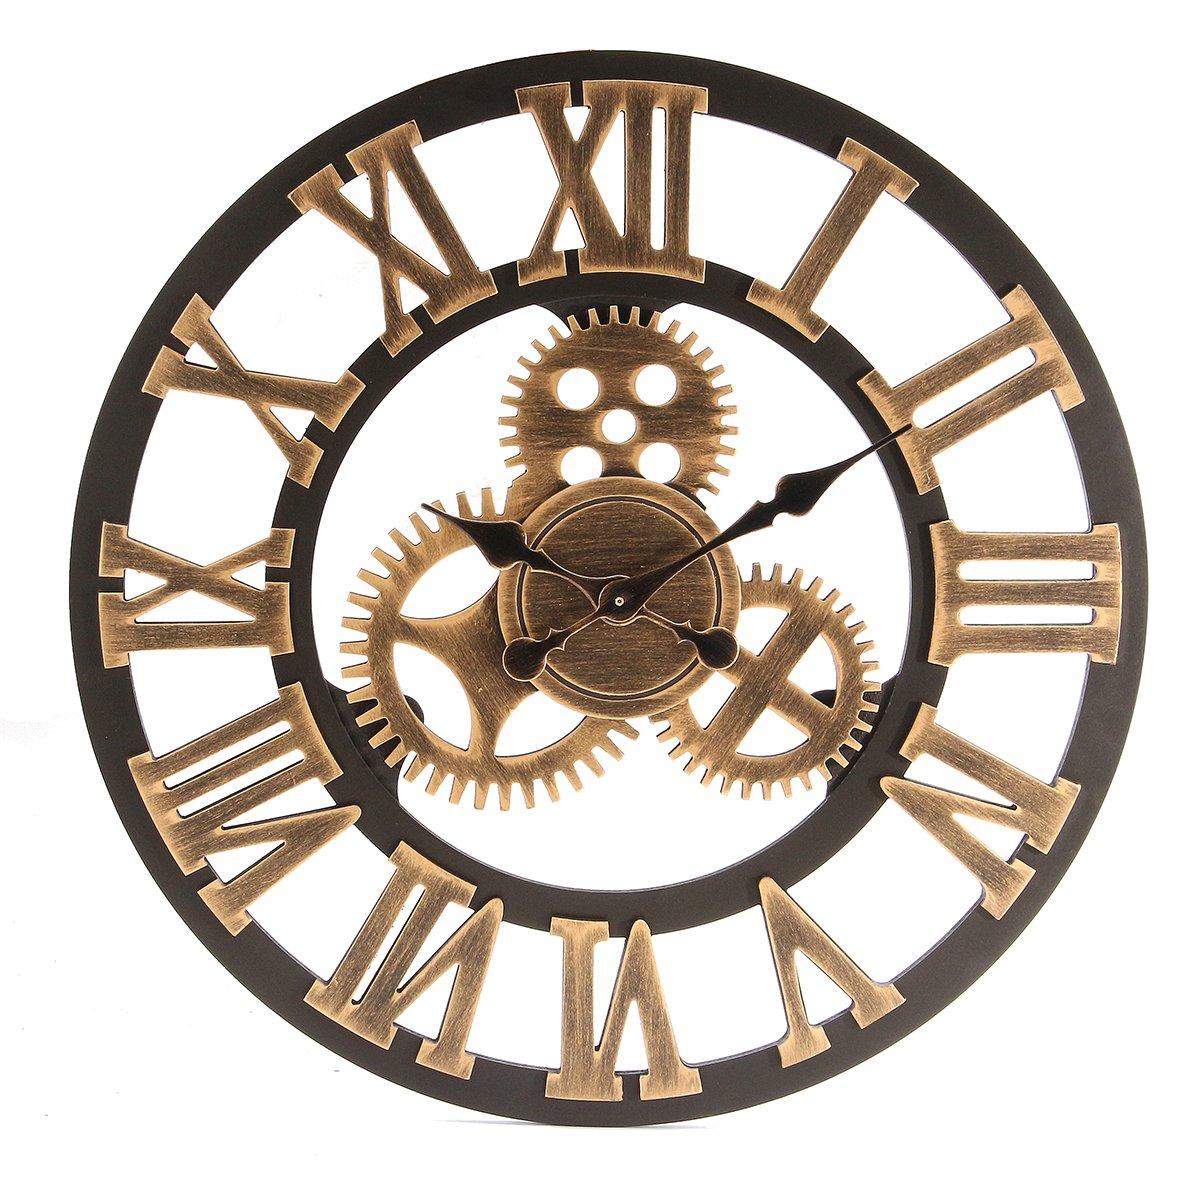 Jeteven 3D 60cm Horloge Pendule Murale en Bois Vintage Rétro Européenne Roue Dentée Argent JETEVENHOCORA768